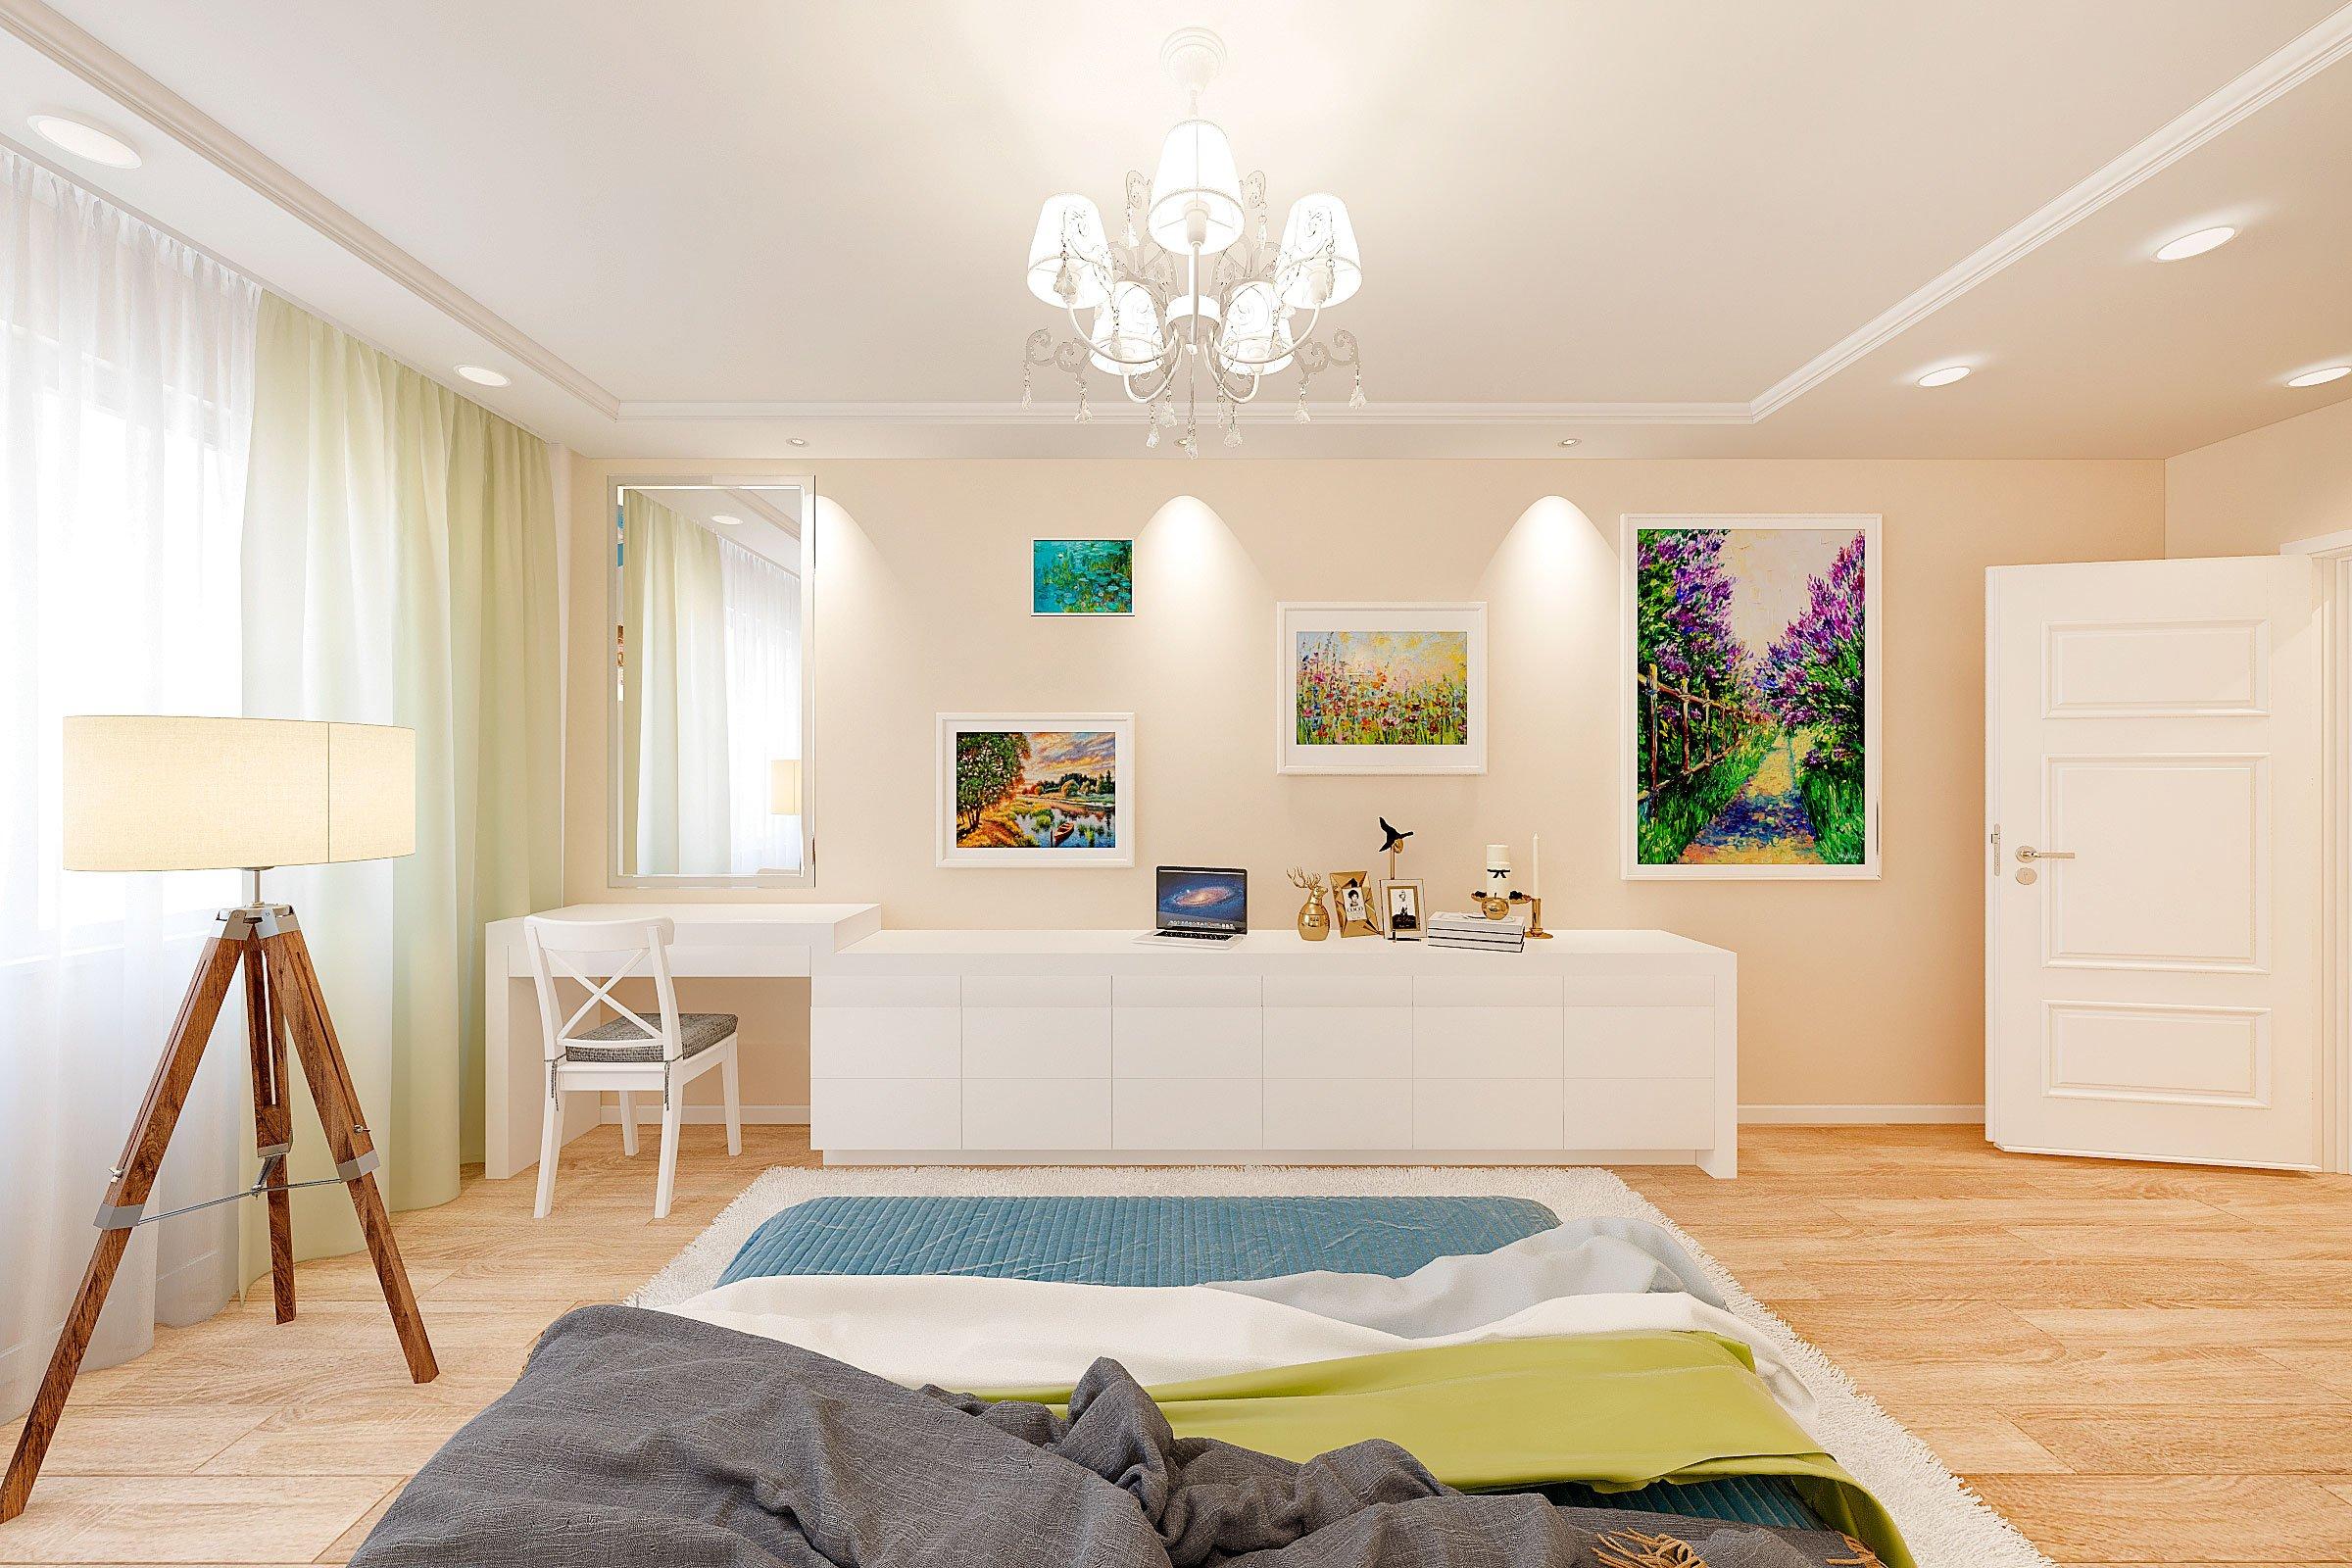 дизайн интерьера спальни в скандинавском стиле, Гомель 2018, фото №2